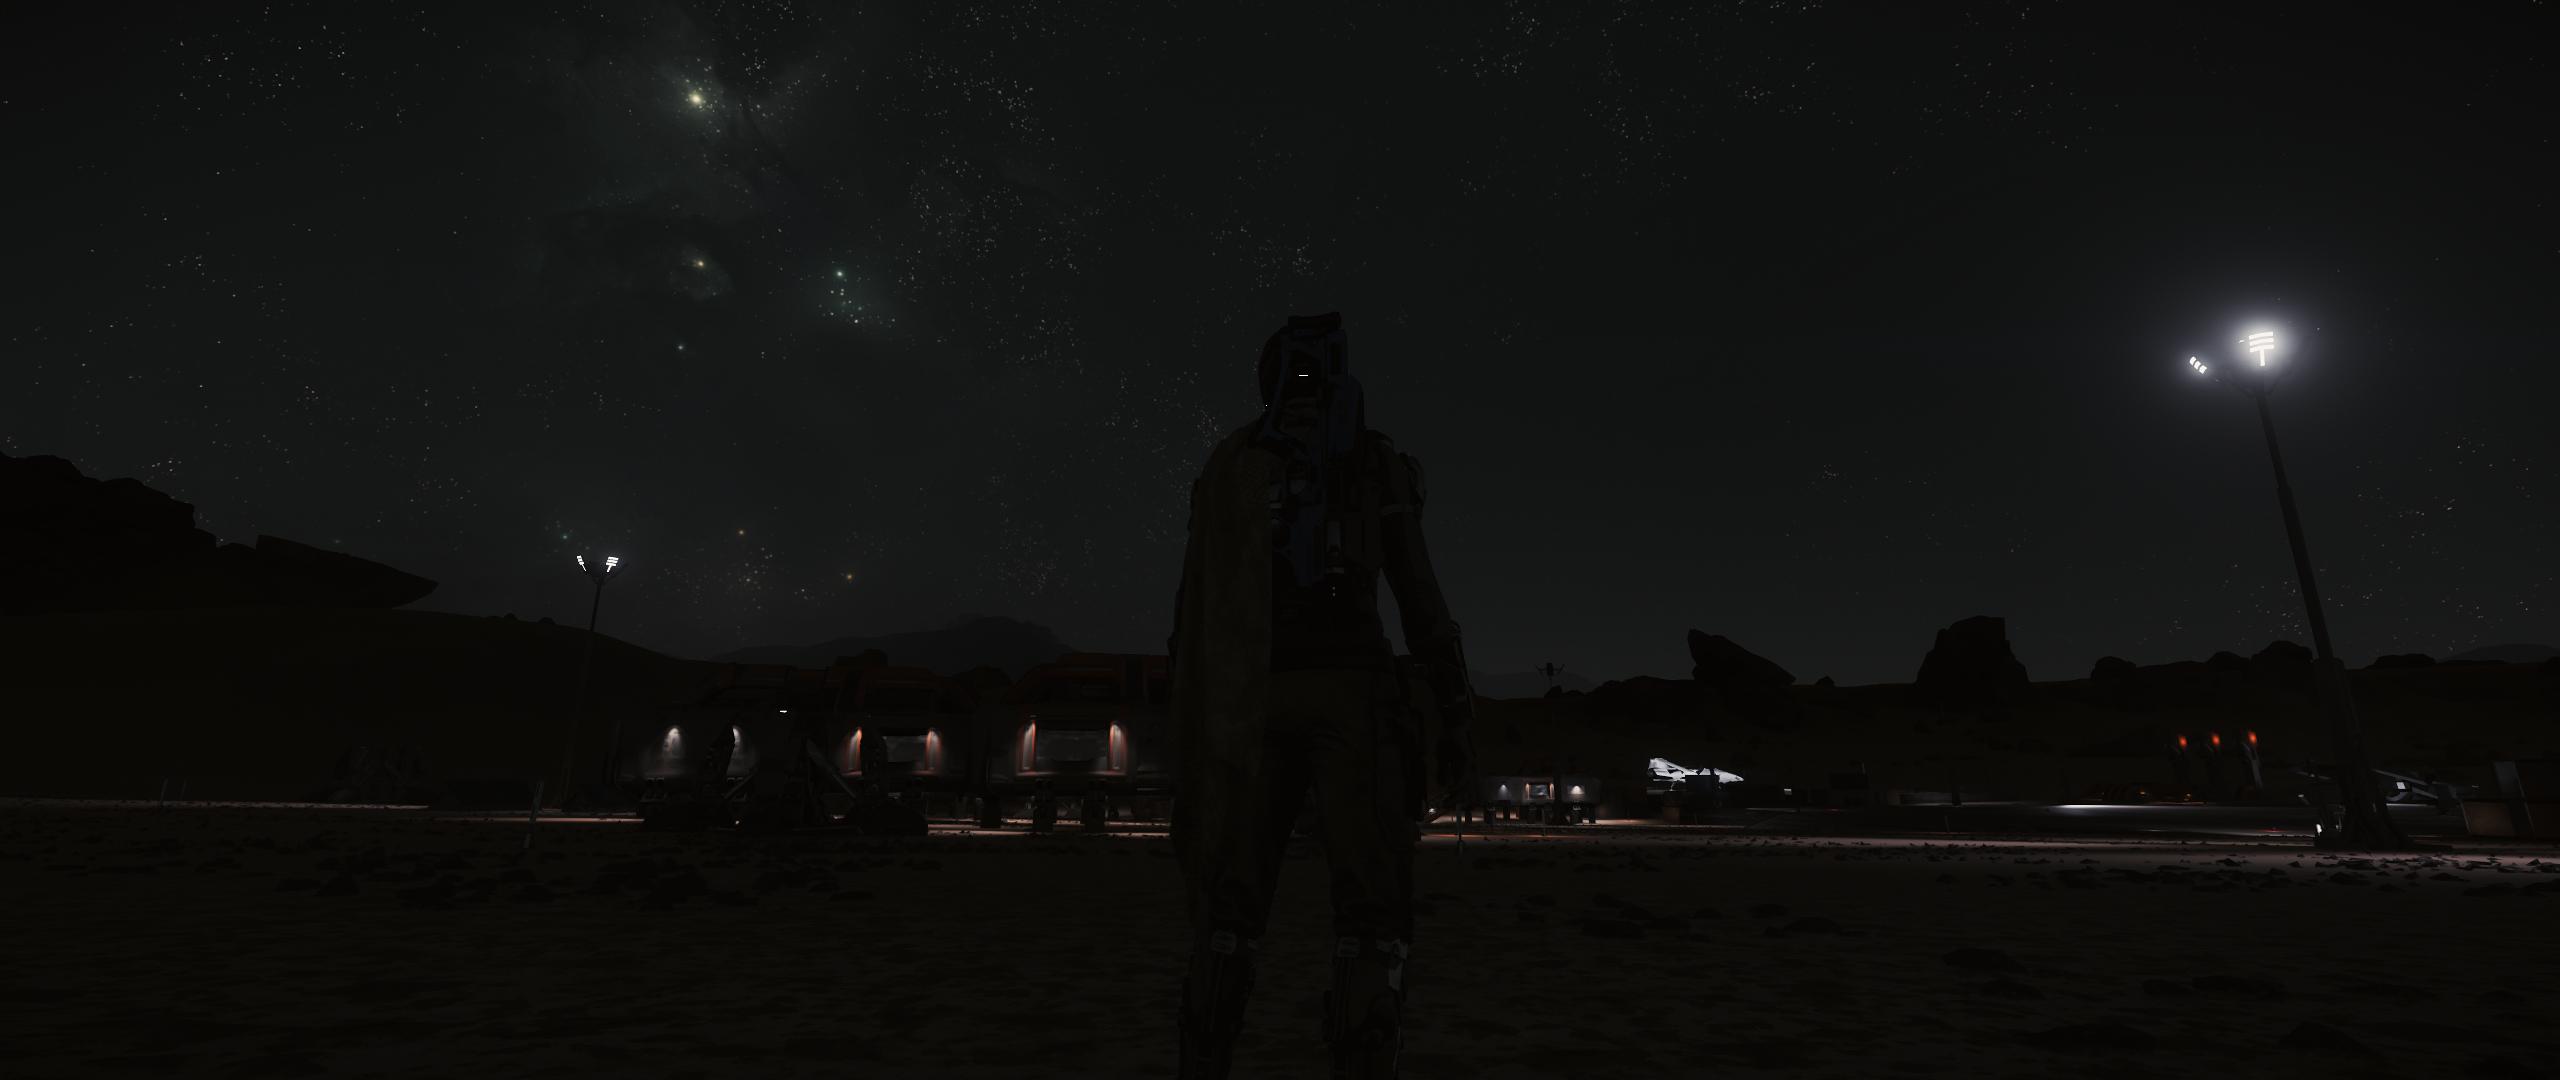 Placówka górnicza na Daymarze nocą